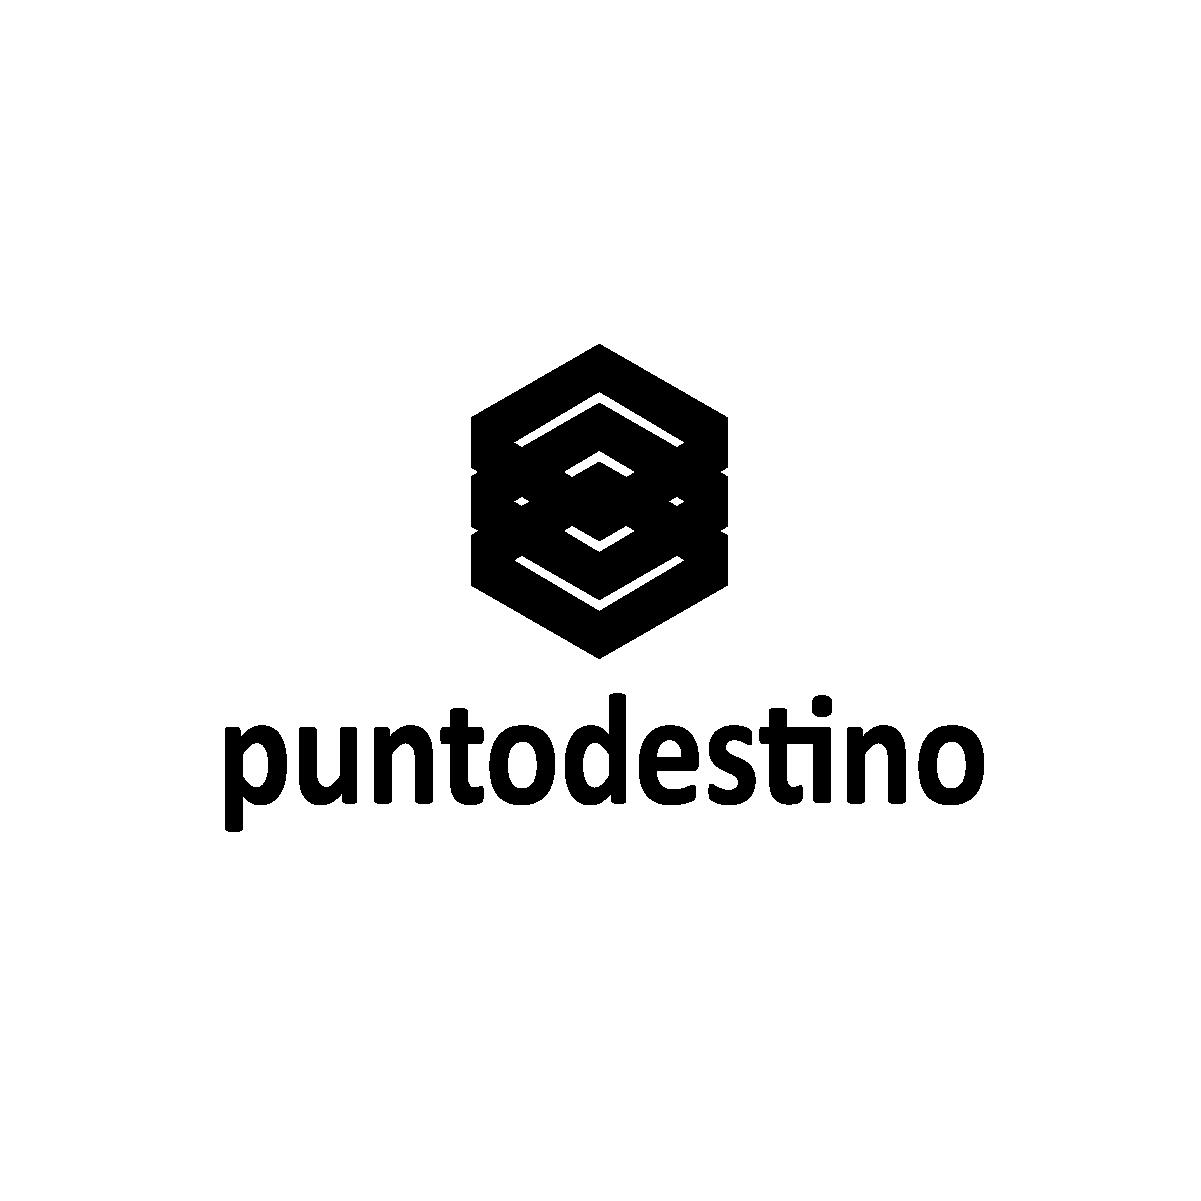 PuntoDestino1-01.png